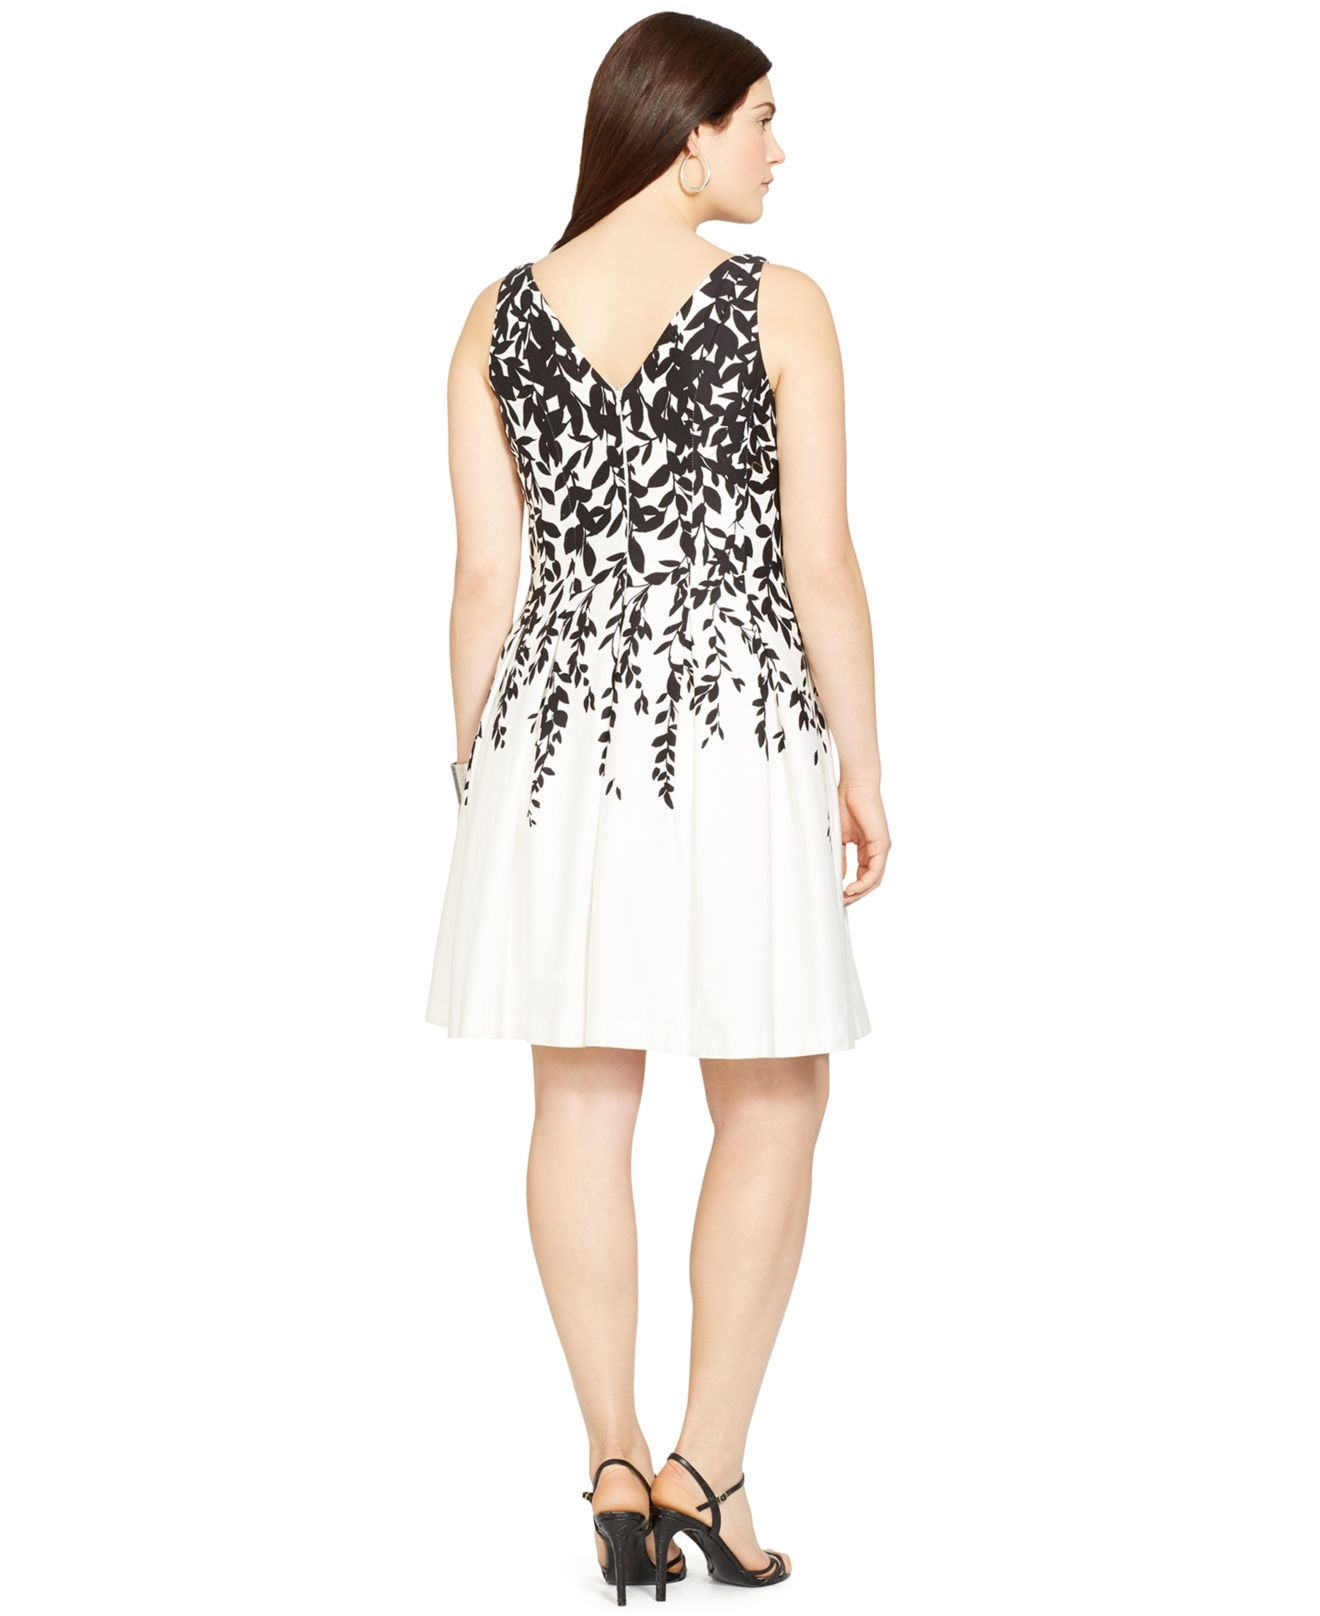 Lyst Lauren By Ralph Lauren Plus Size Floral Print Pleated Dress